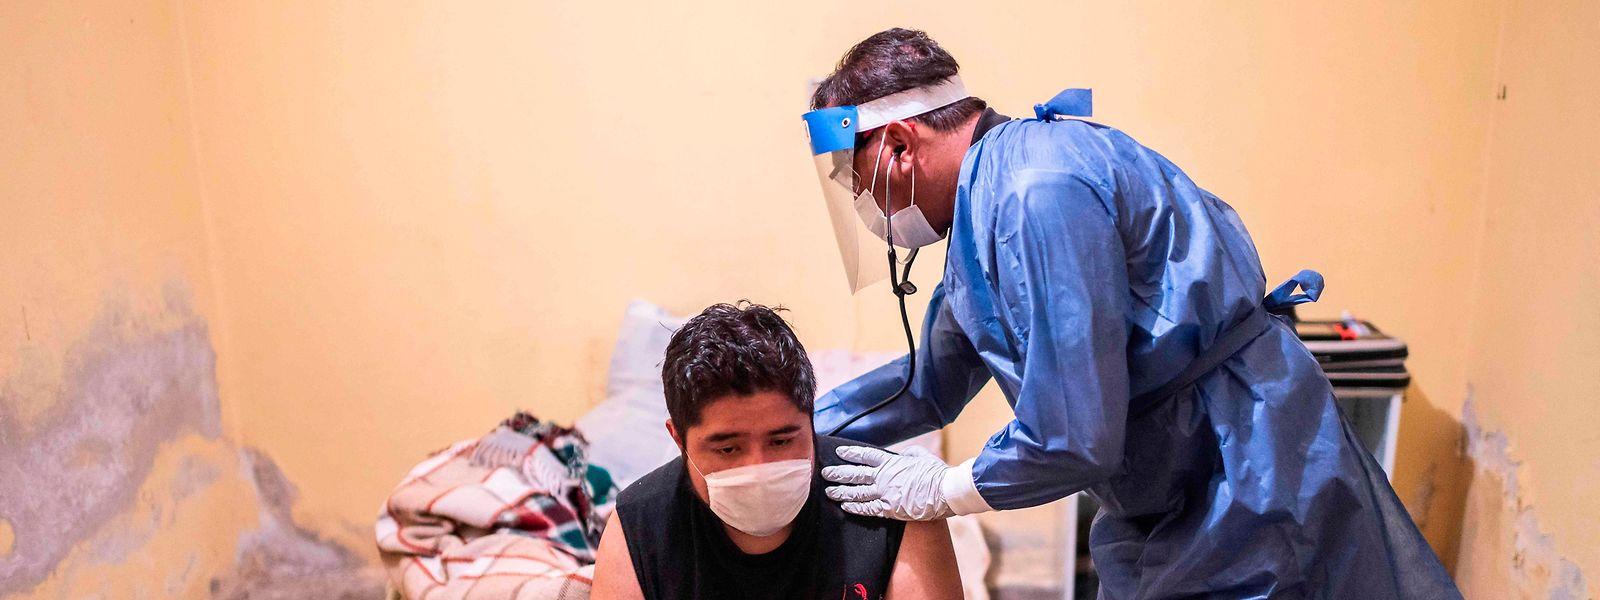 Le Mexique est devenu samedi le cinquième pays le plus endeuillé de la planète, avec 30.366 décès.